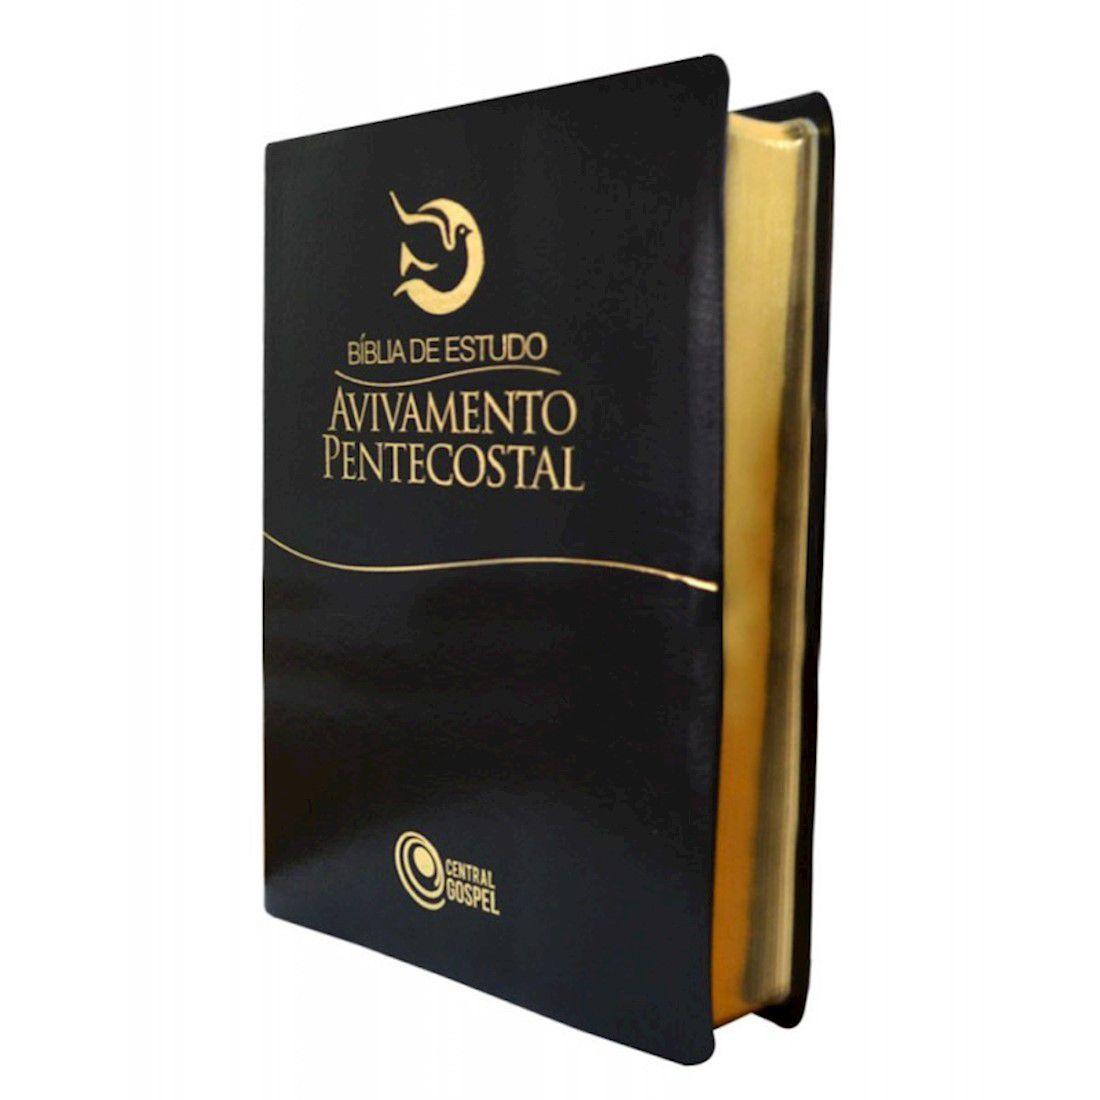 Bíblia de Estudo Avivamento Pentecostal